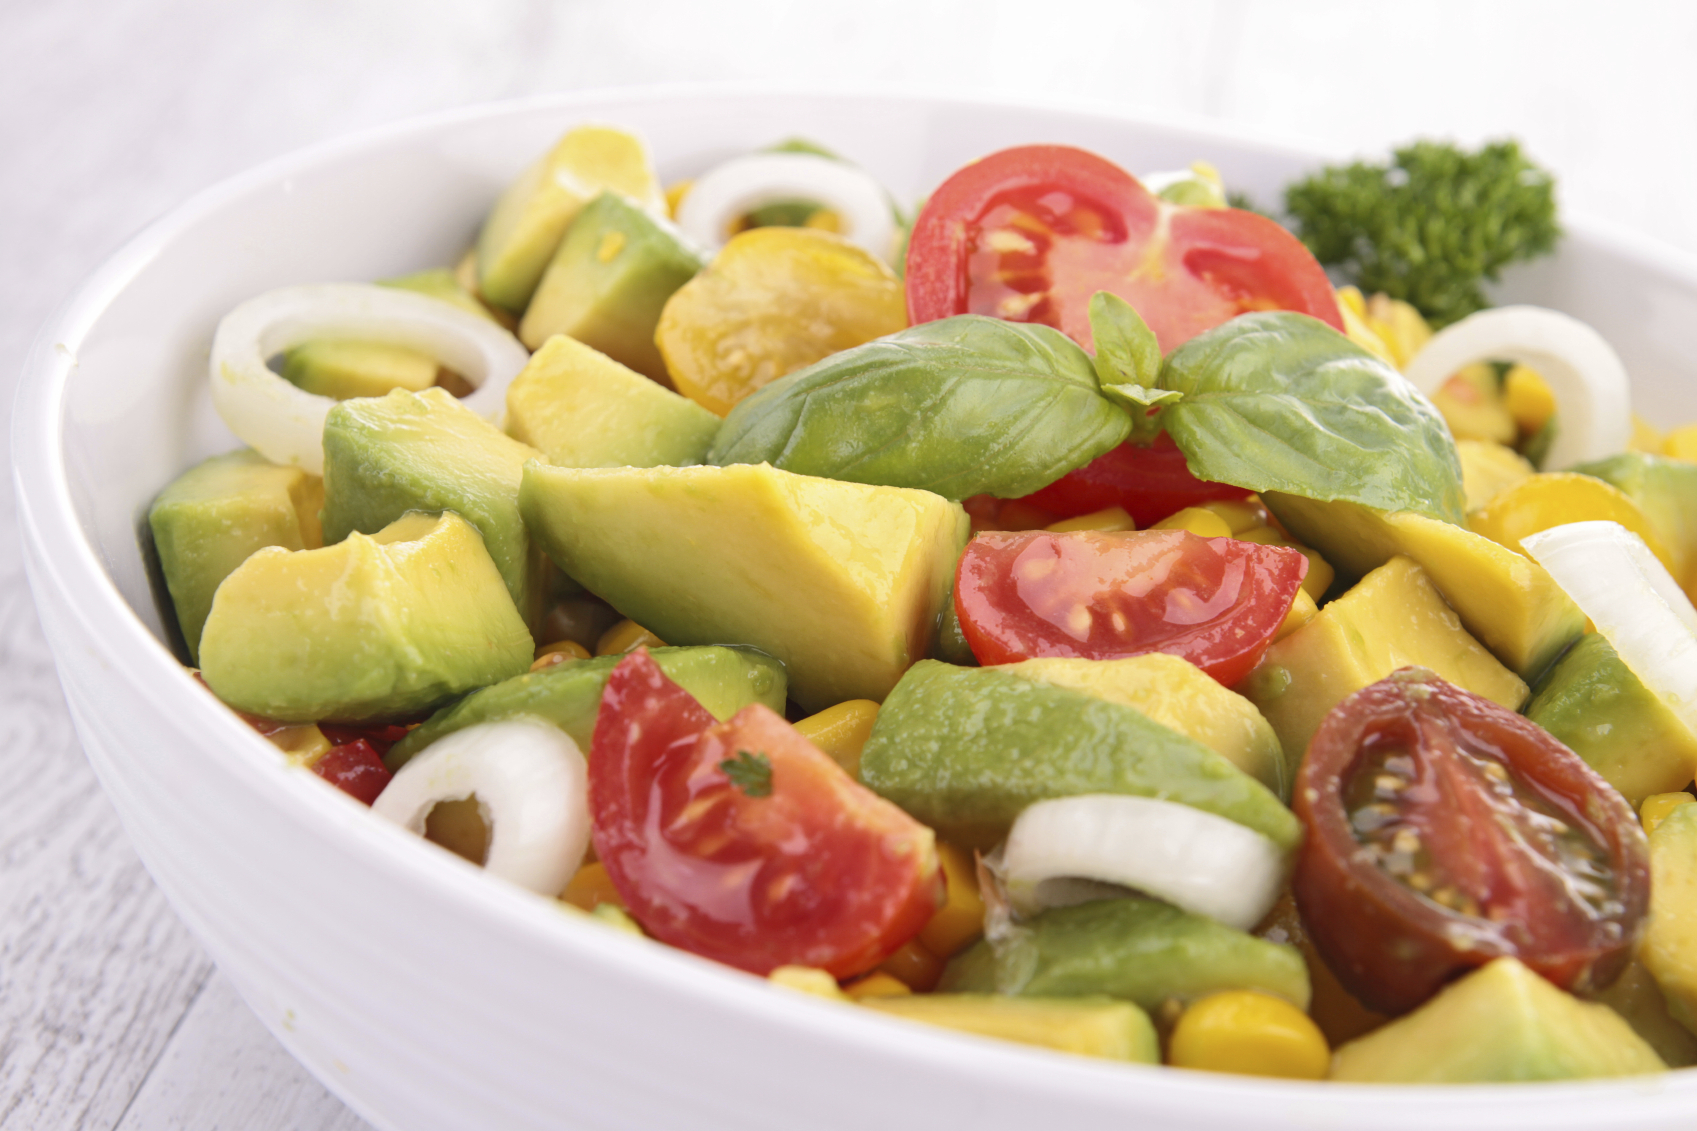 Avocado and feta salad - Insalata tal-avokado u feta bil-ħobż